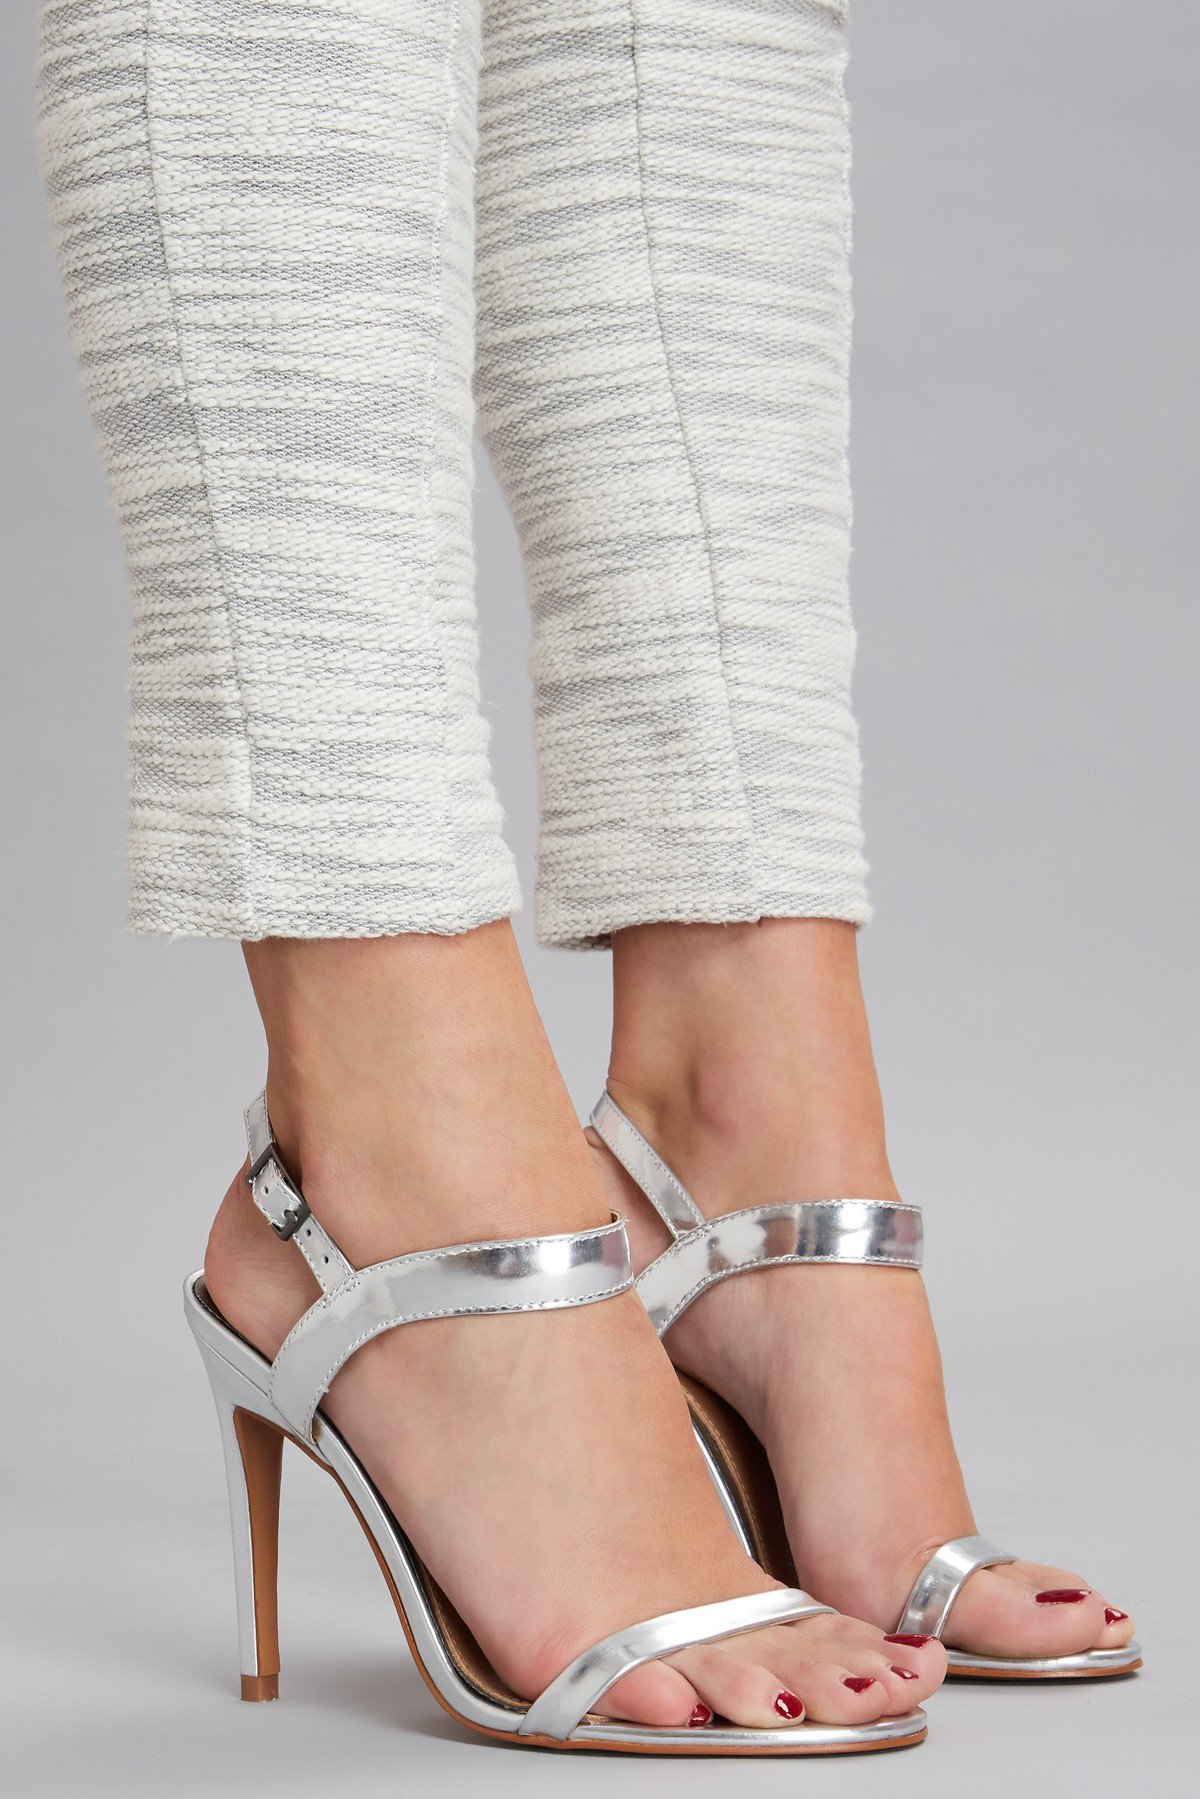 Jaggar Footwear Lane Heel